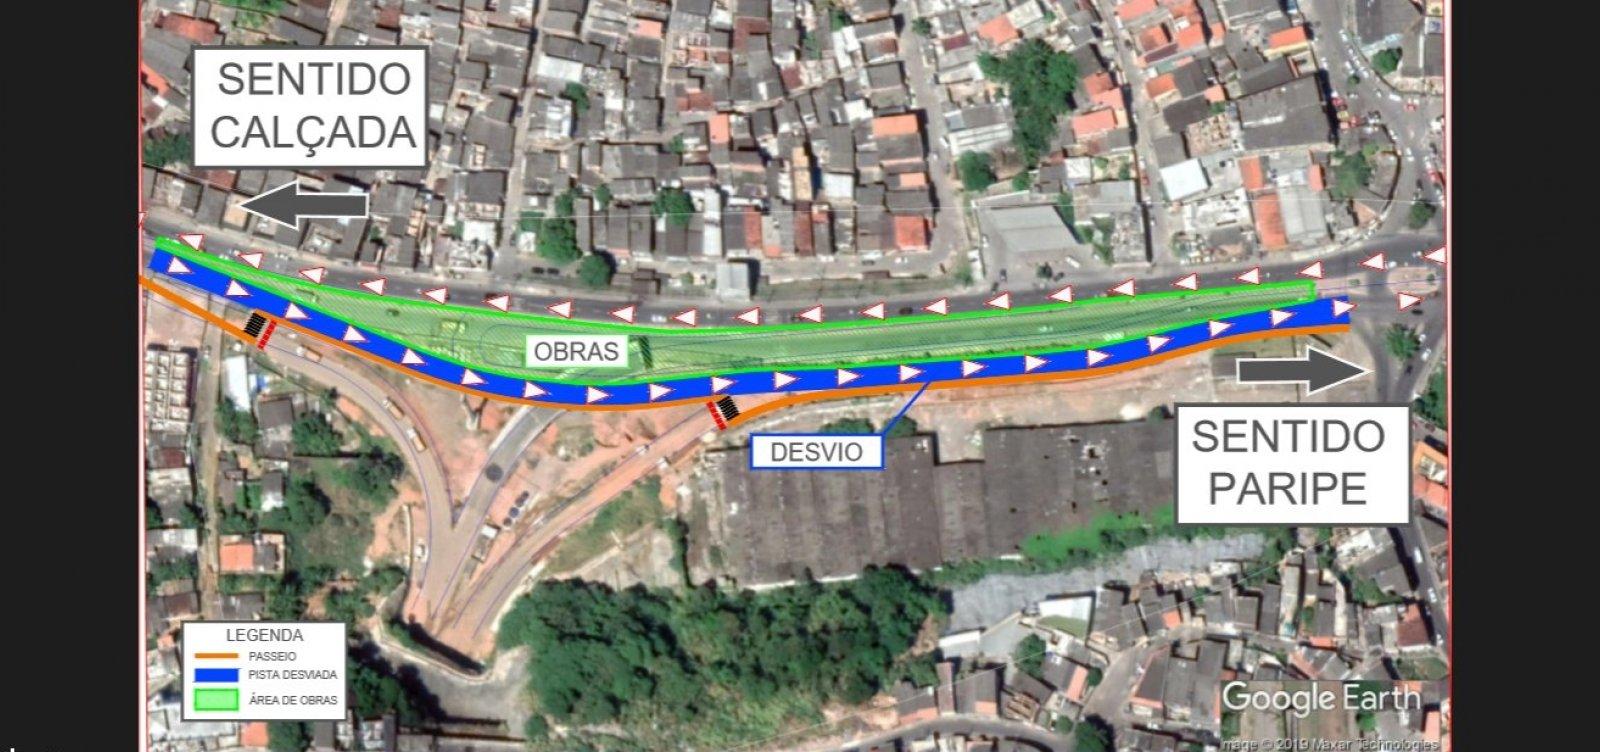 [Obras da Ligação Lobato-Pirajá desviam tráfego na AvenidaSuburbana a partir de amanhã]